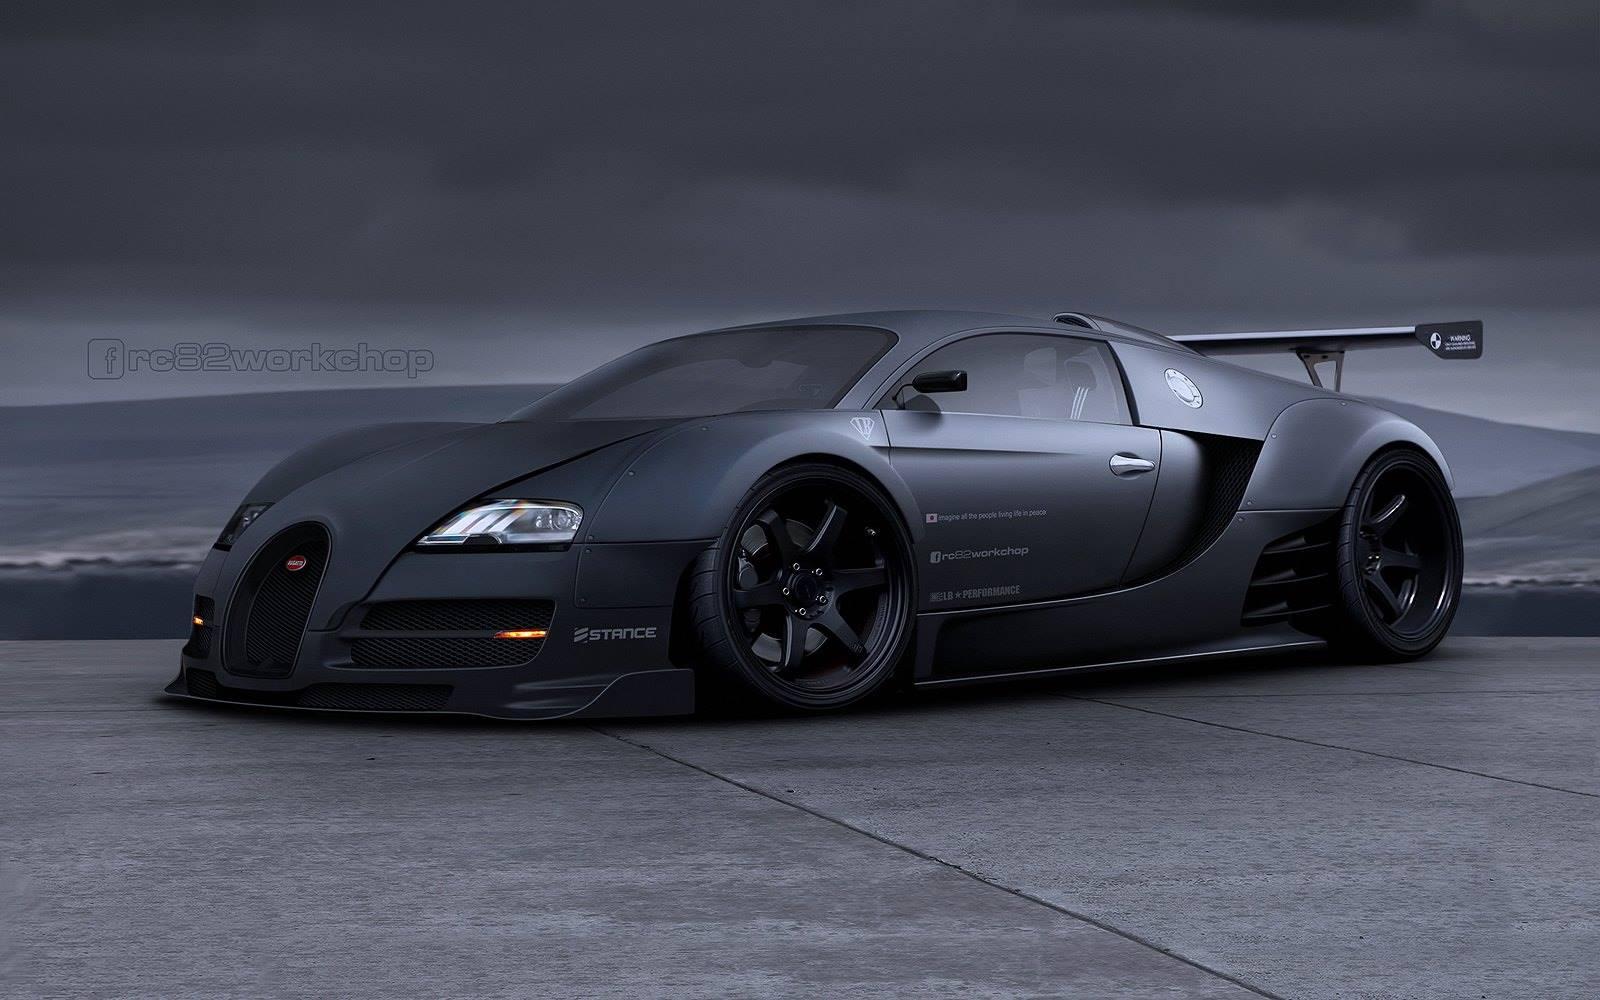 Liberty Walk Bugatti Veyron